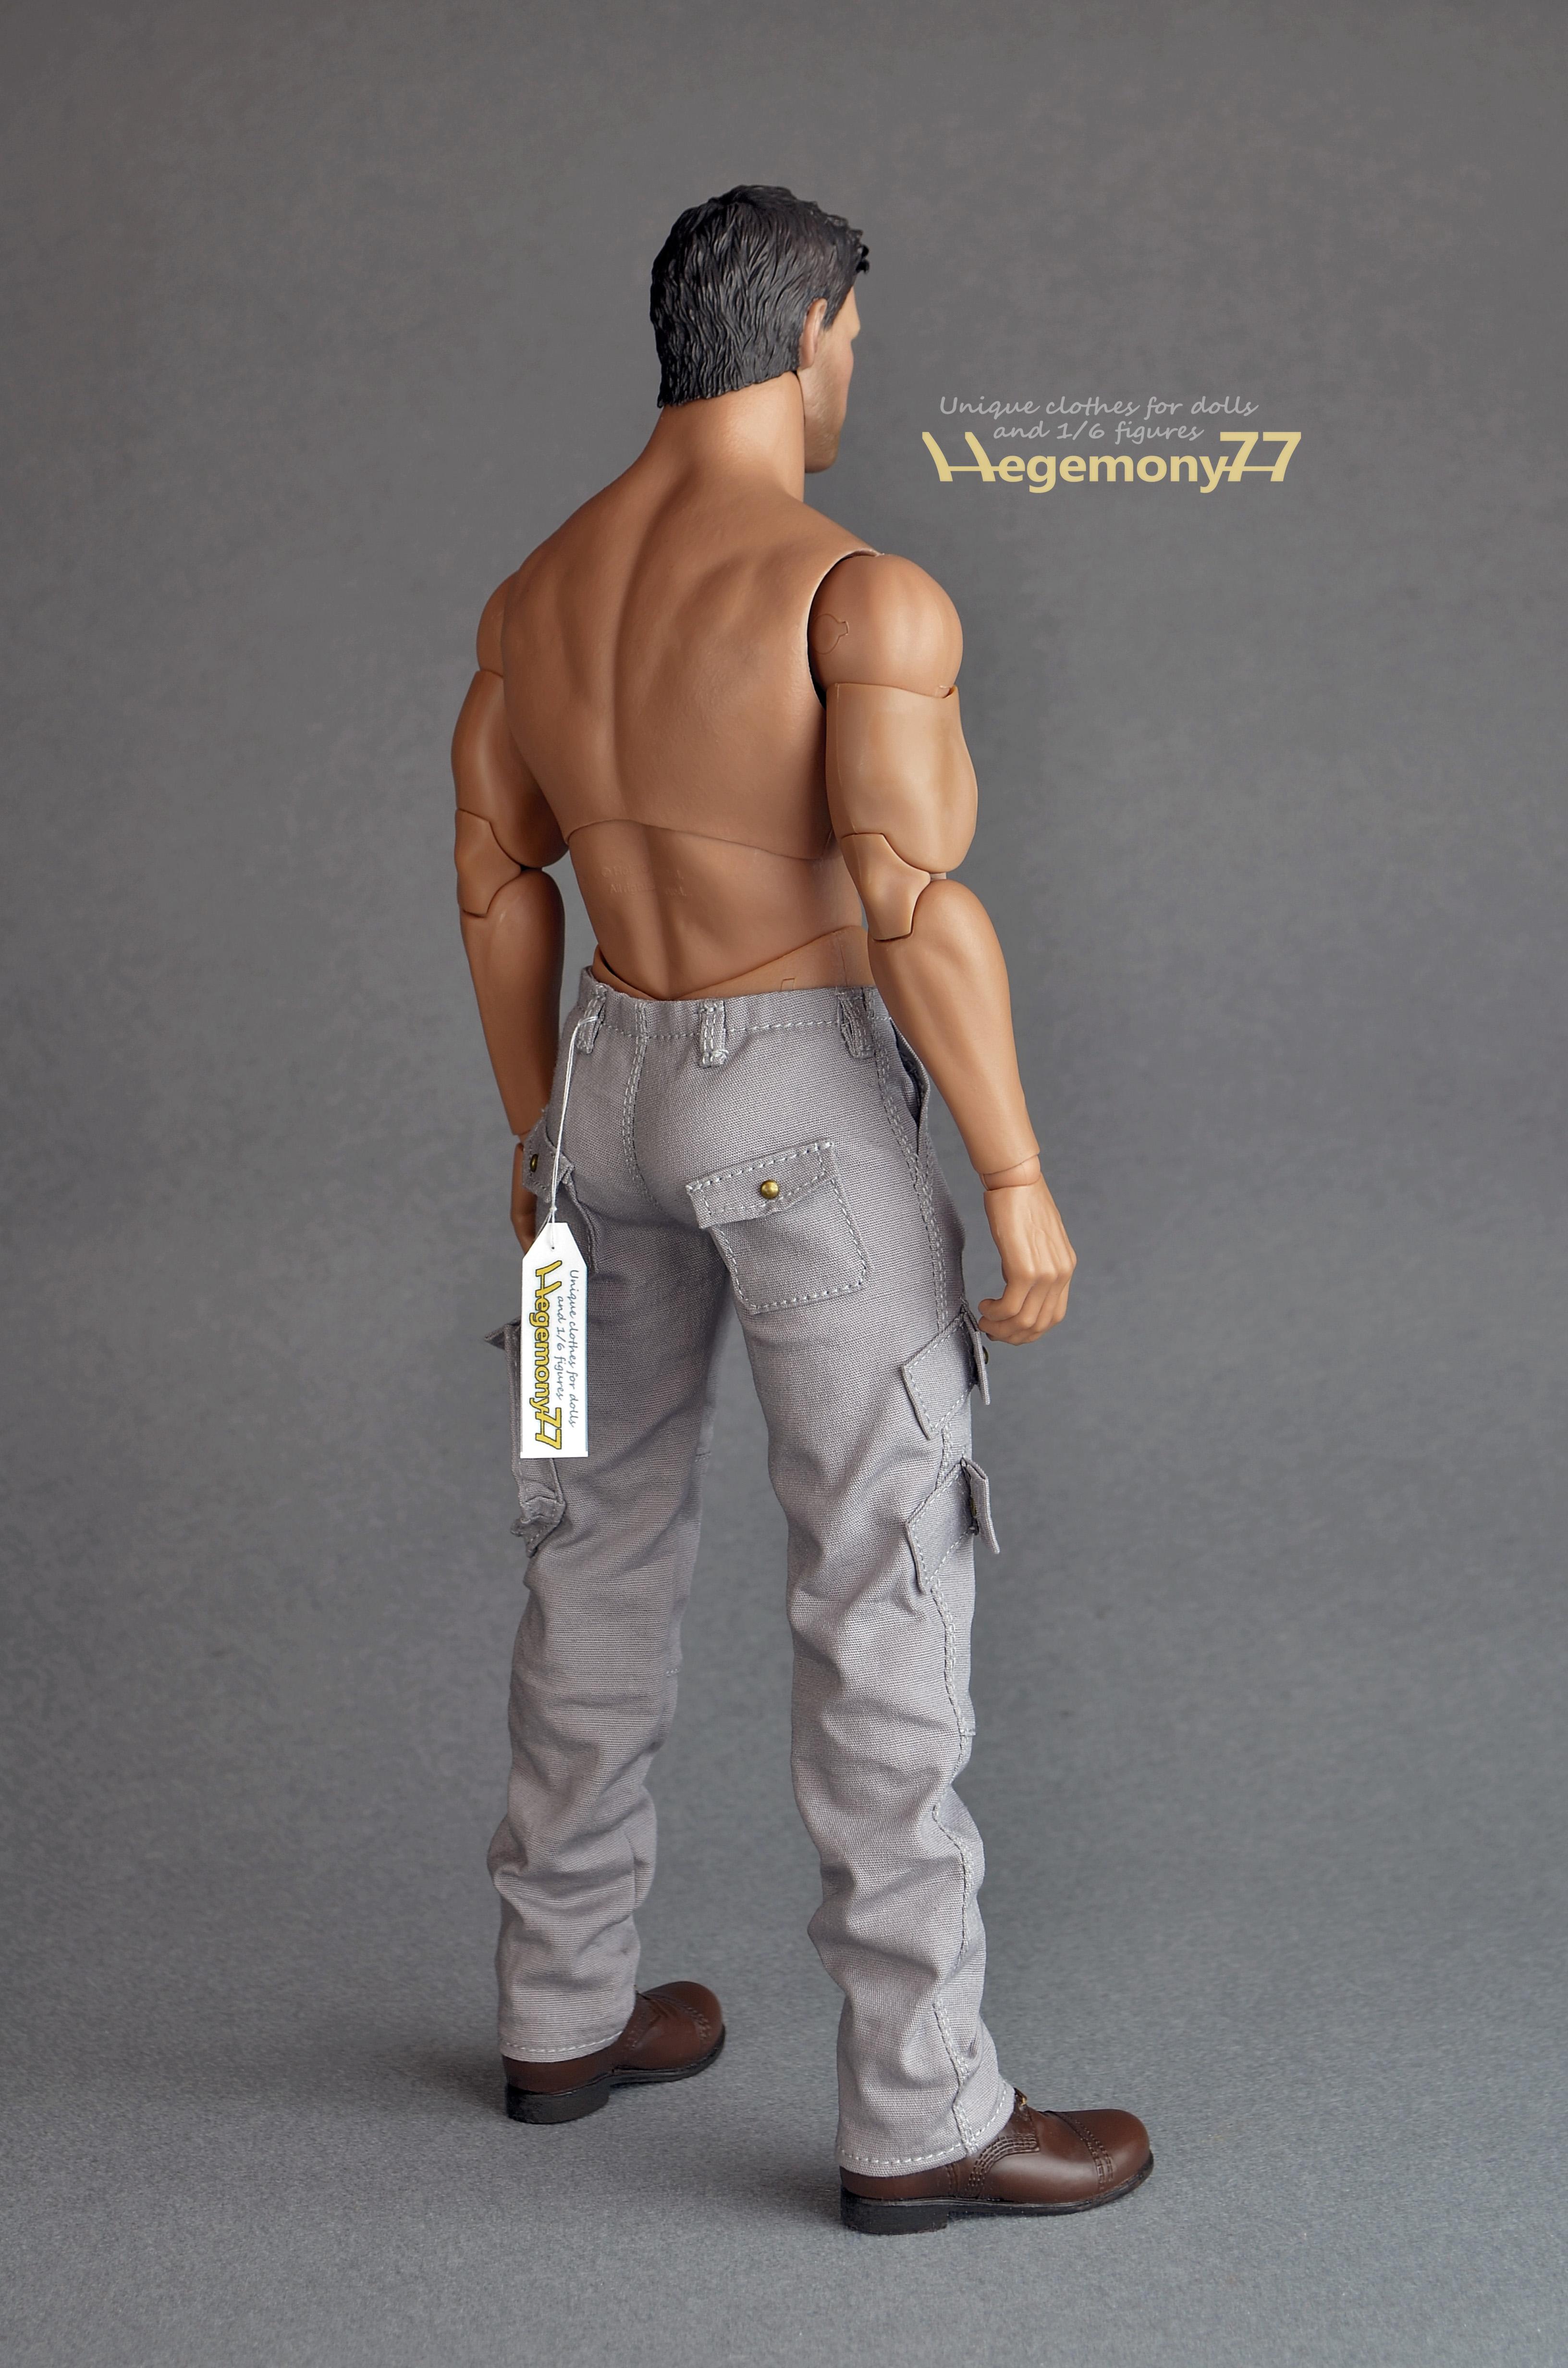 Male Butt Picture 99